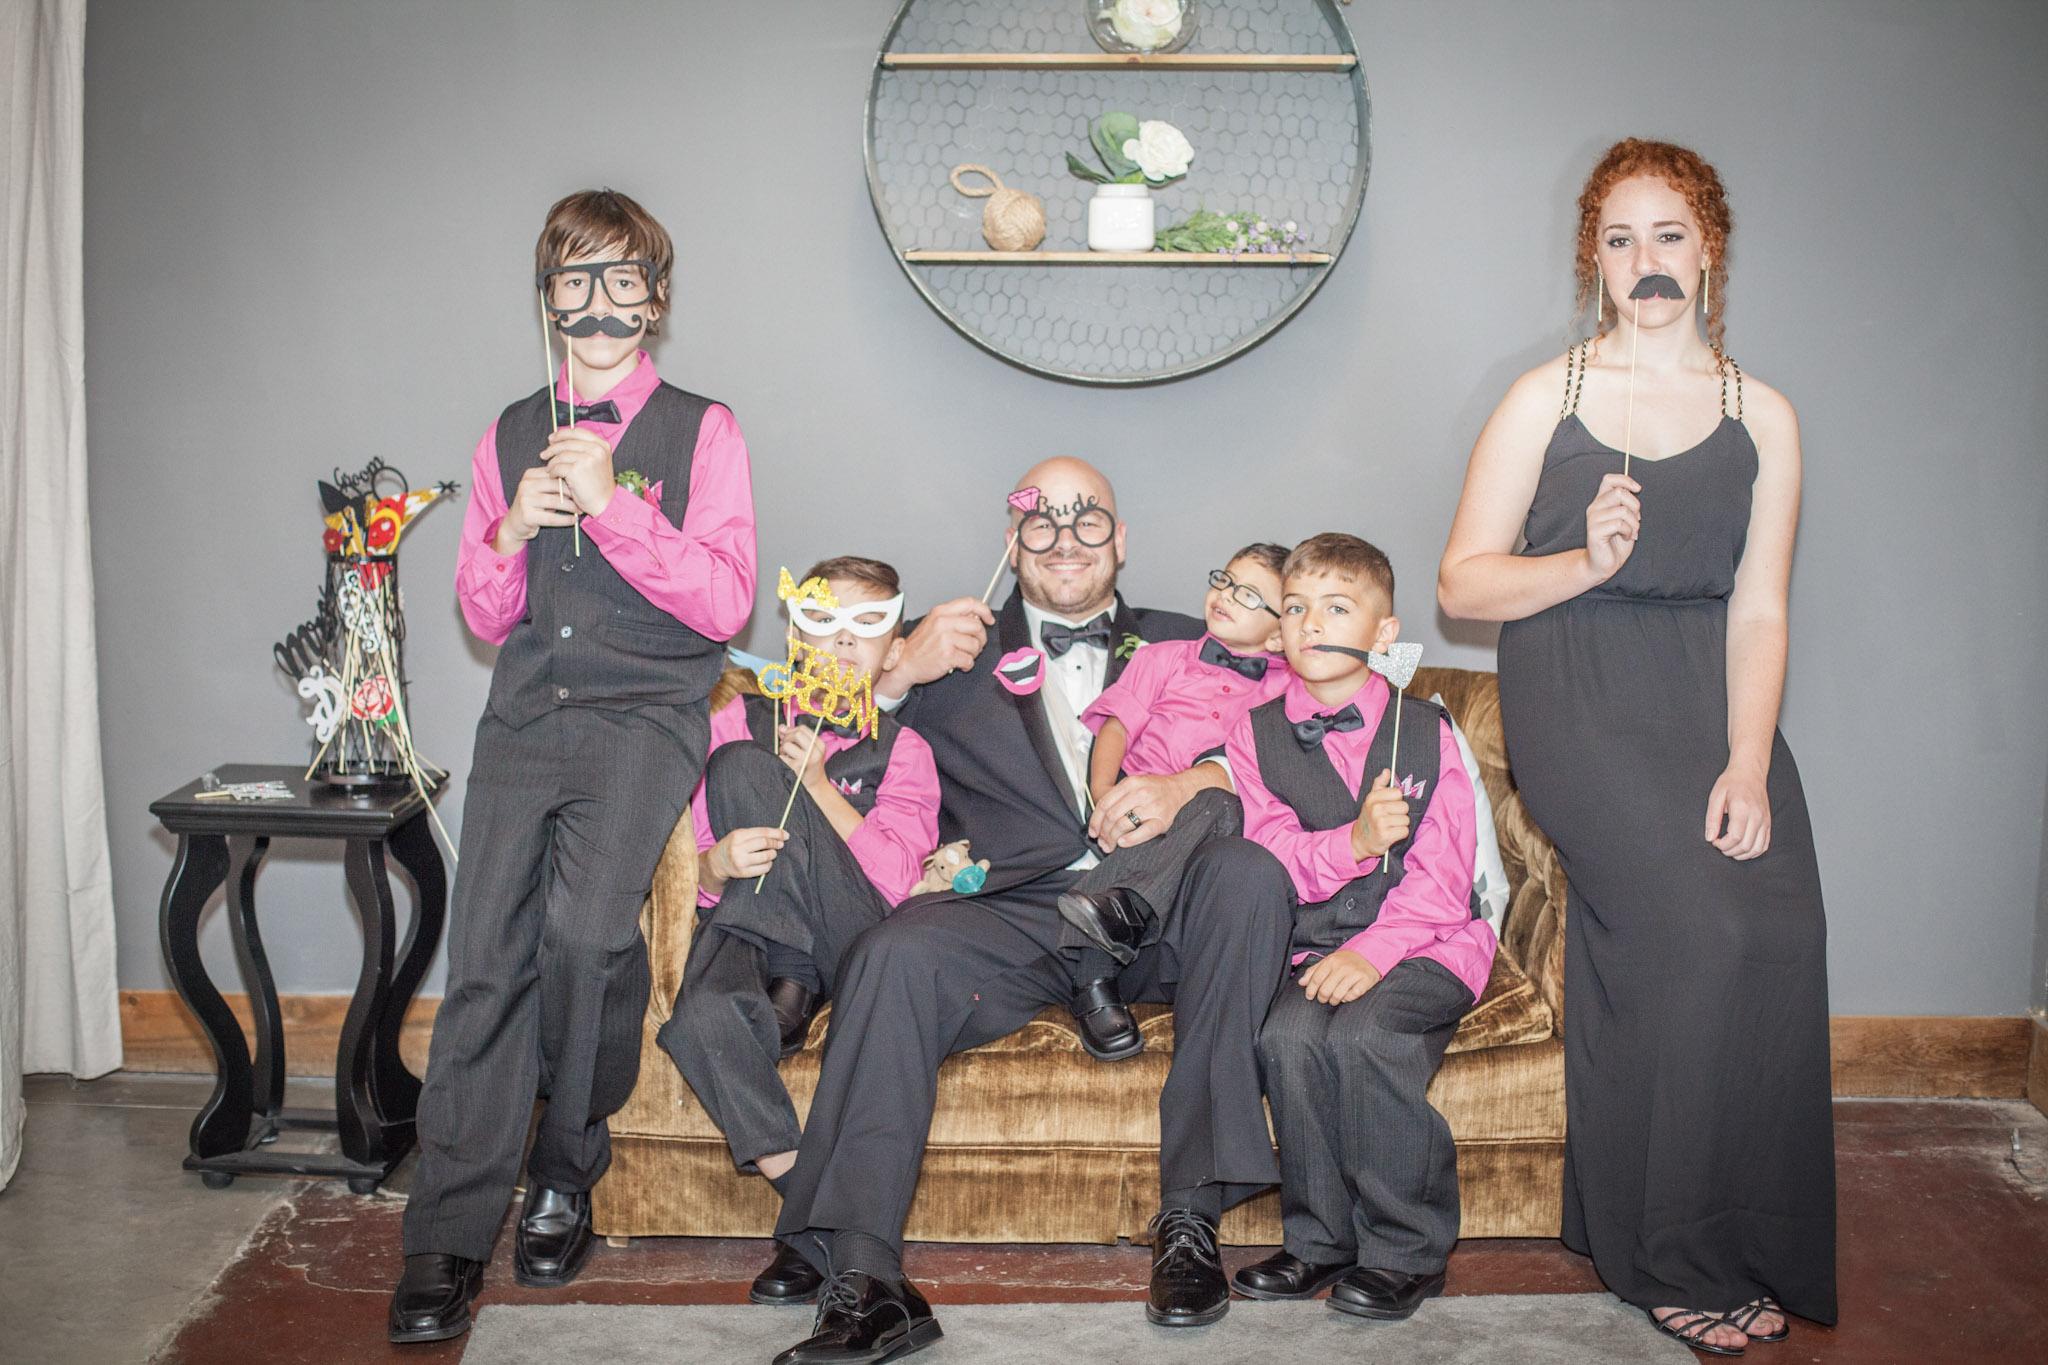 Kansas+City-Small+Wedding-Elope_Intimate_Ceremony_Melanie+David-23.jpg